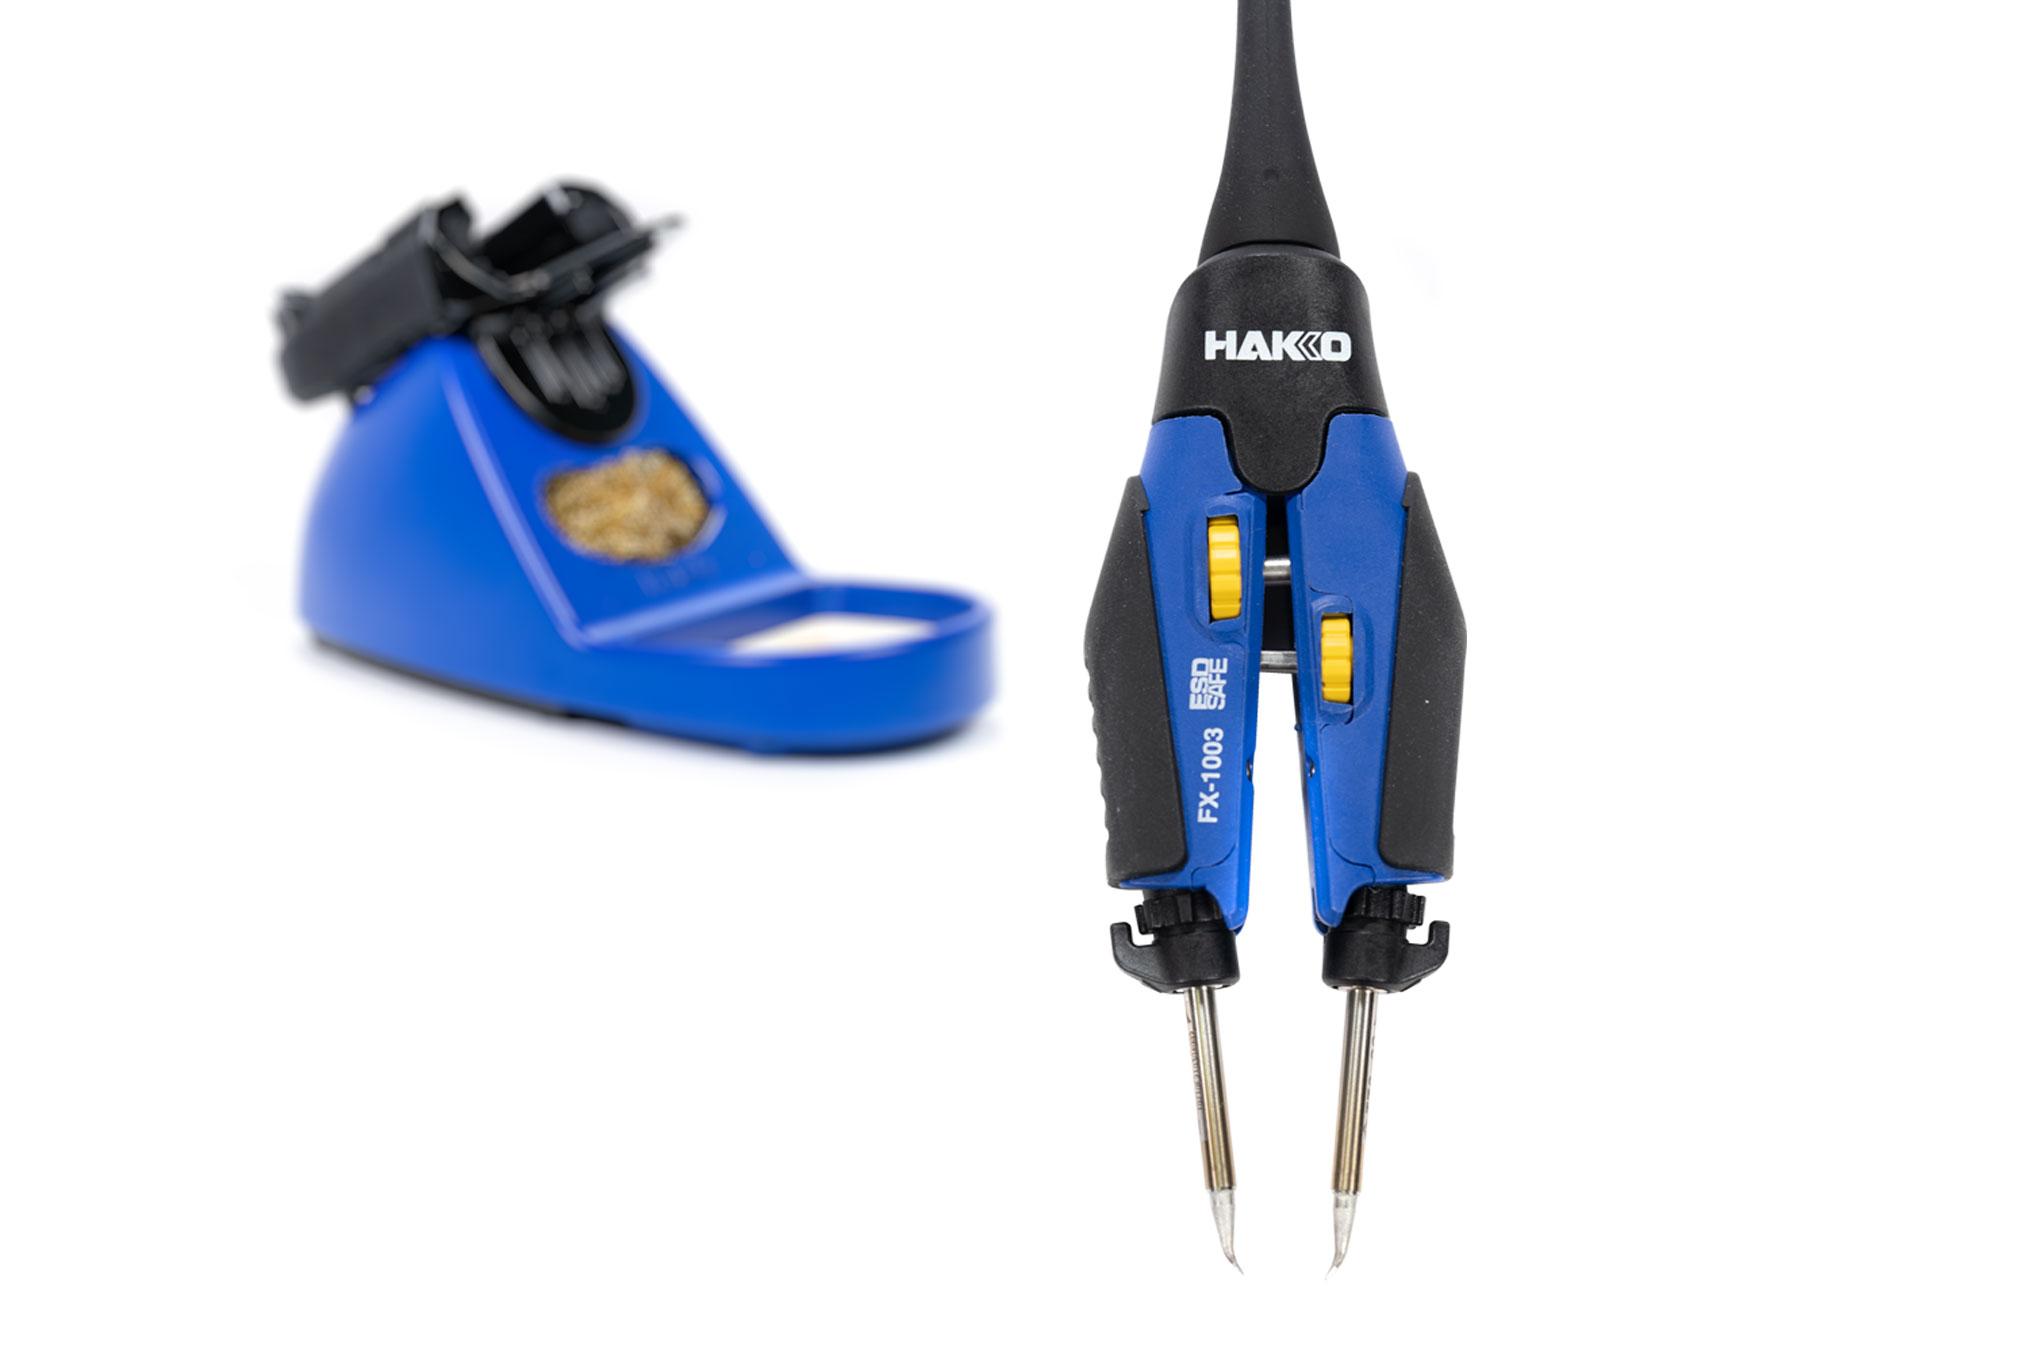 NEW - HAKKO FX-1003 Micro Tweezers